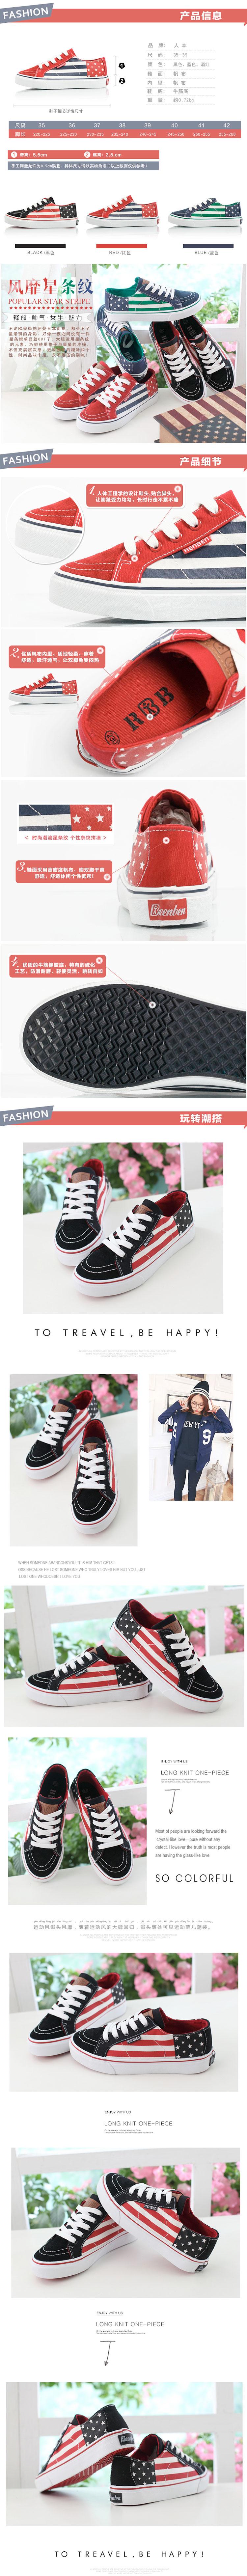 большое фото №6 Женские черные низкие кожаные кроссовки RenBen 8137-1